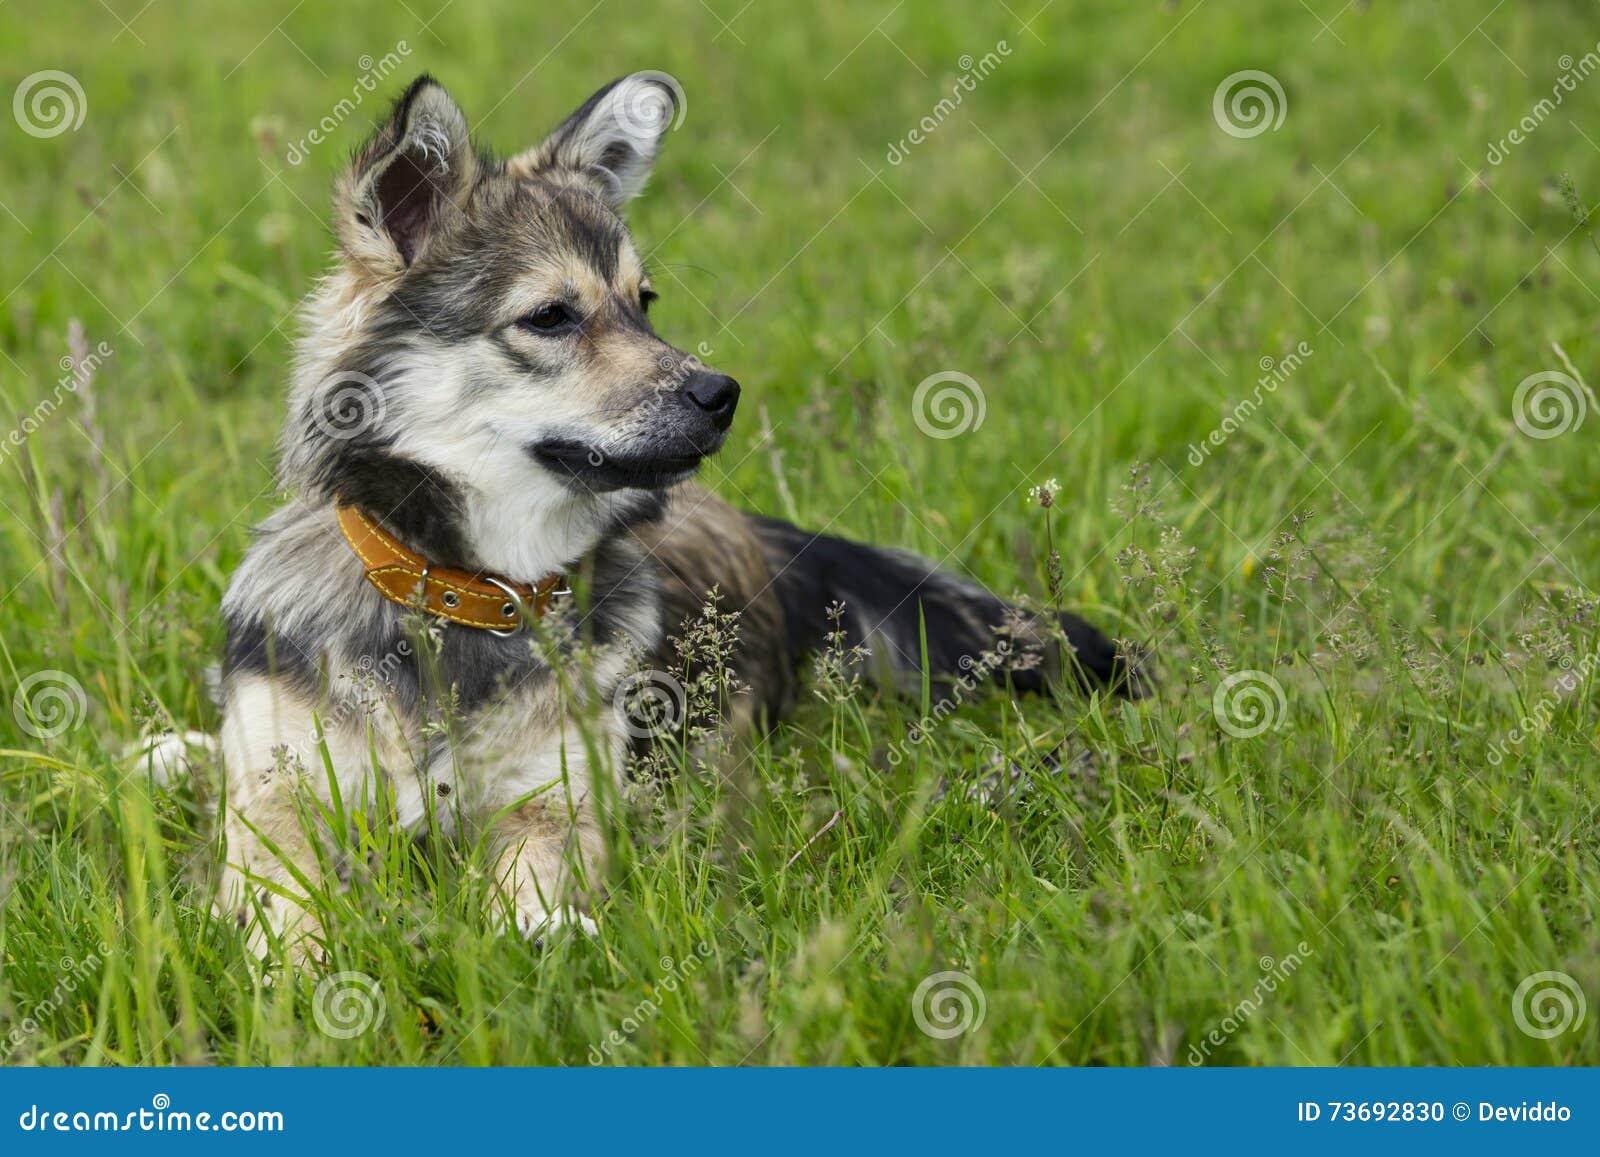 Dog breed Visigoth Spitz